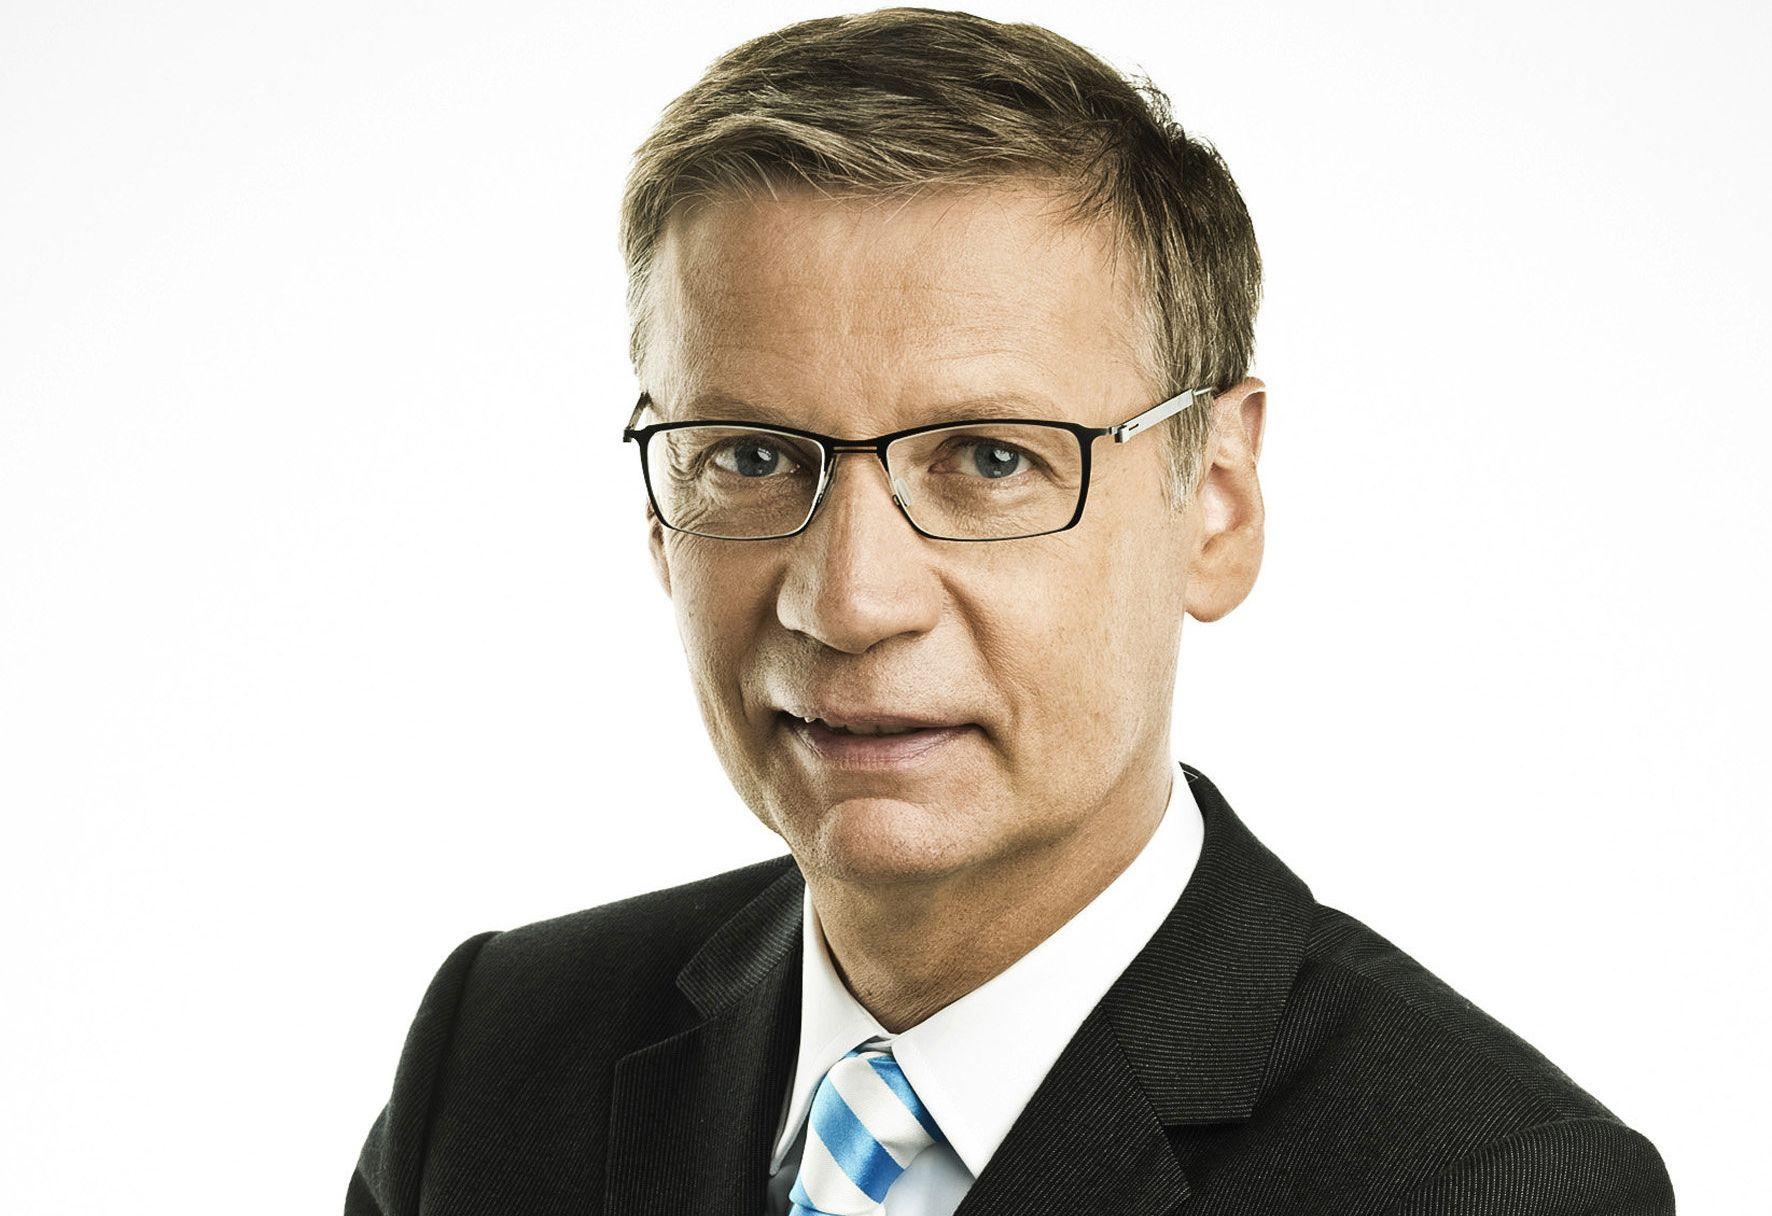 Günther Jauch moderiert den Polittalk aus dem Herzen der Hauptstadt immer sonntags um 21.45 Uhr im Ersten.